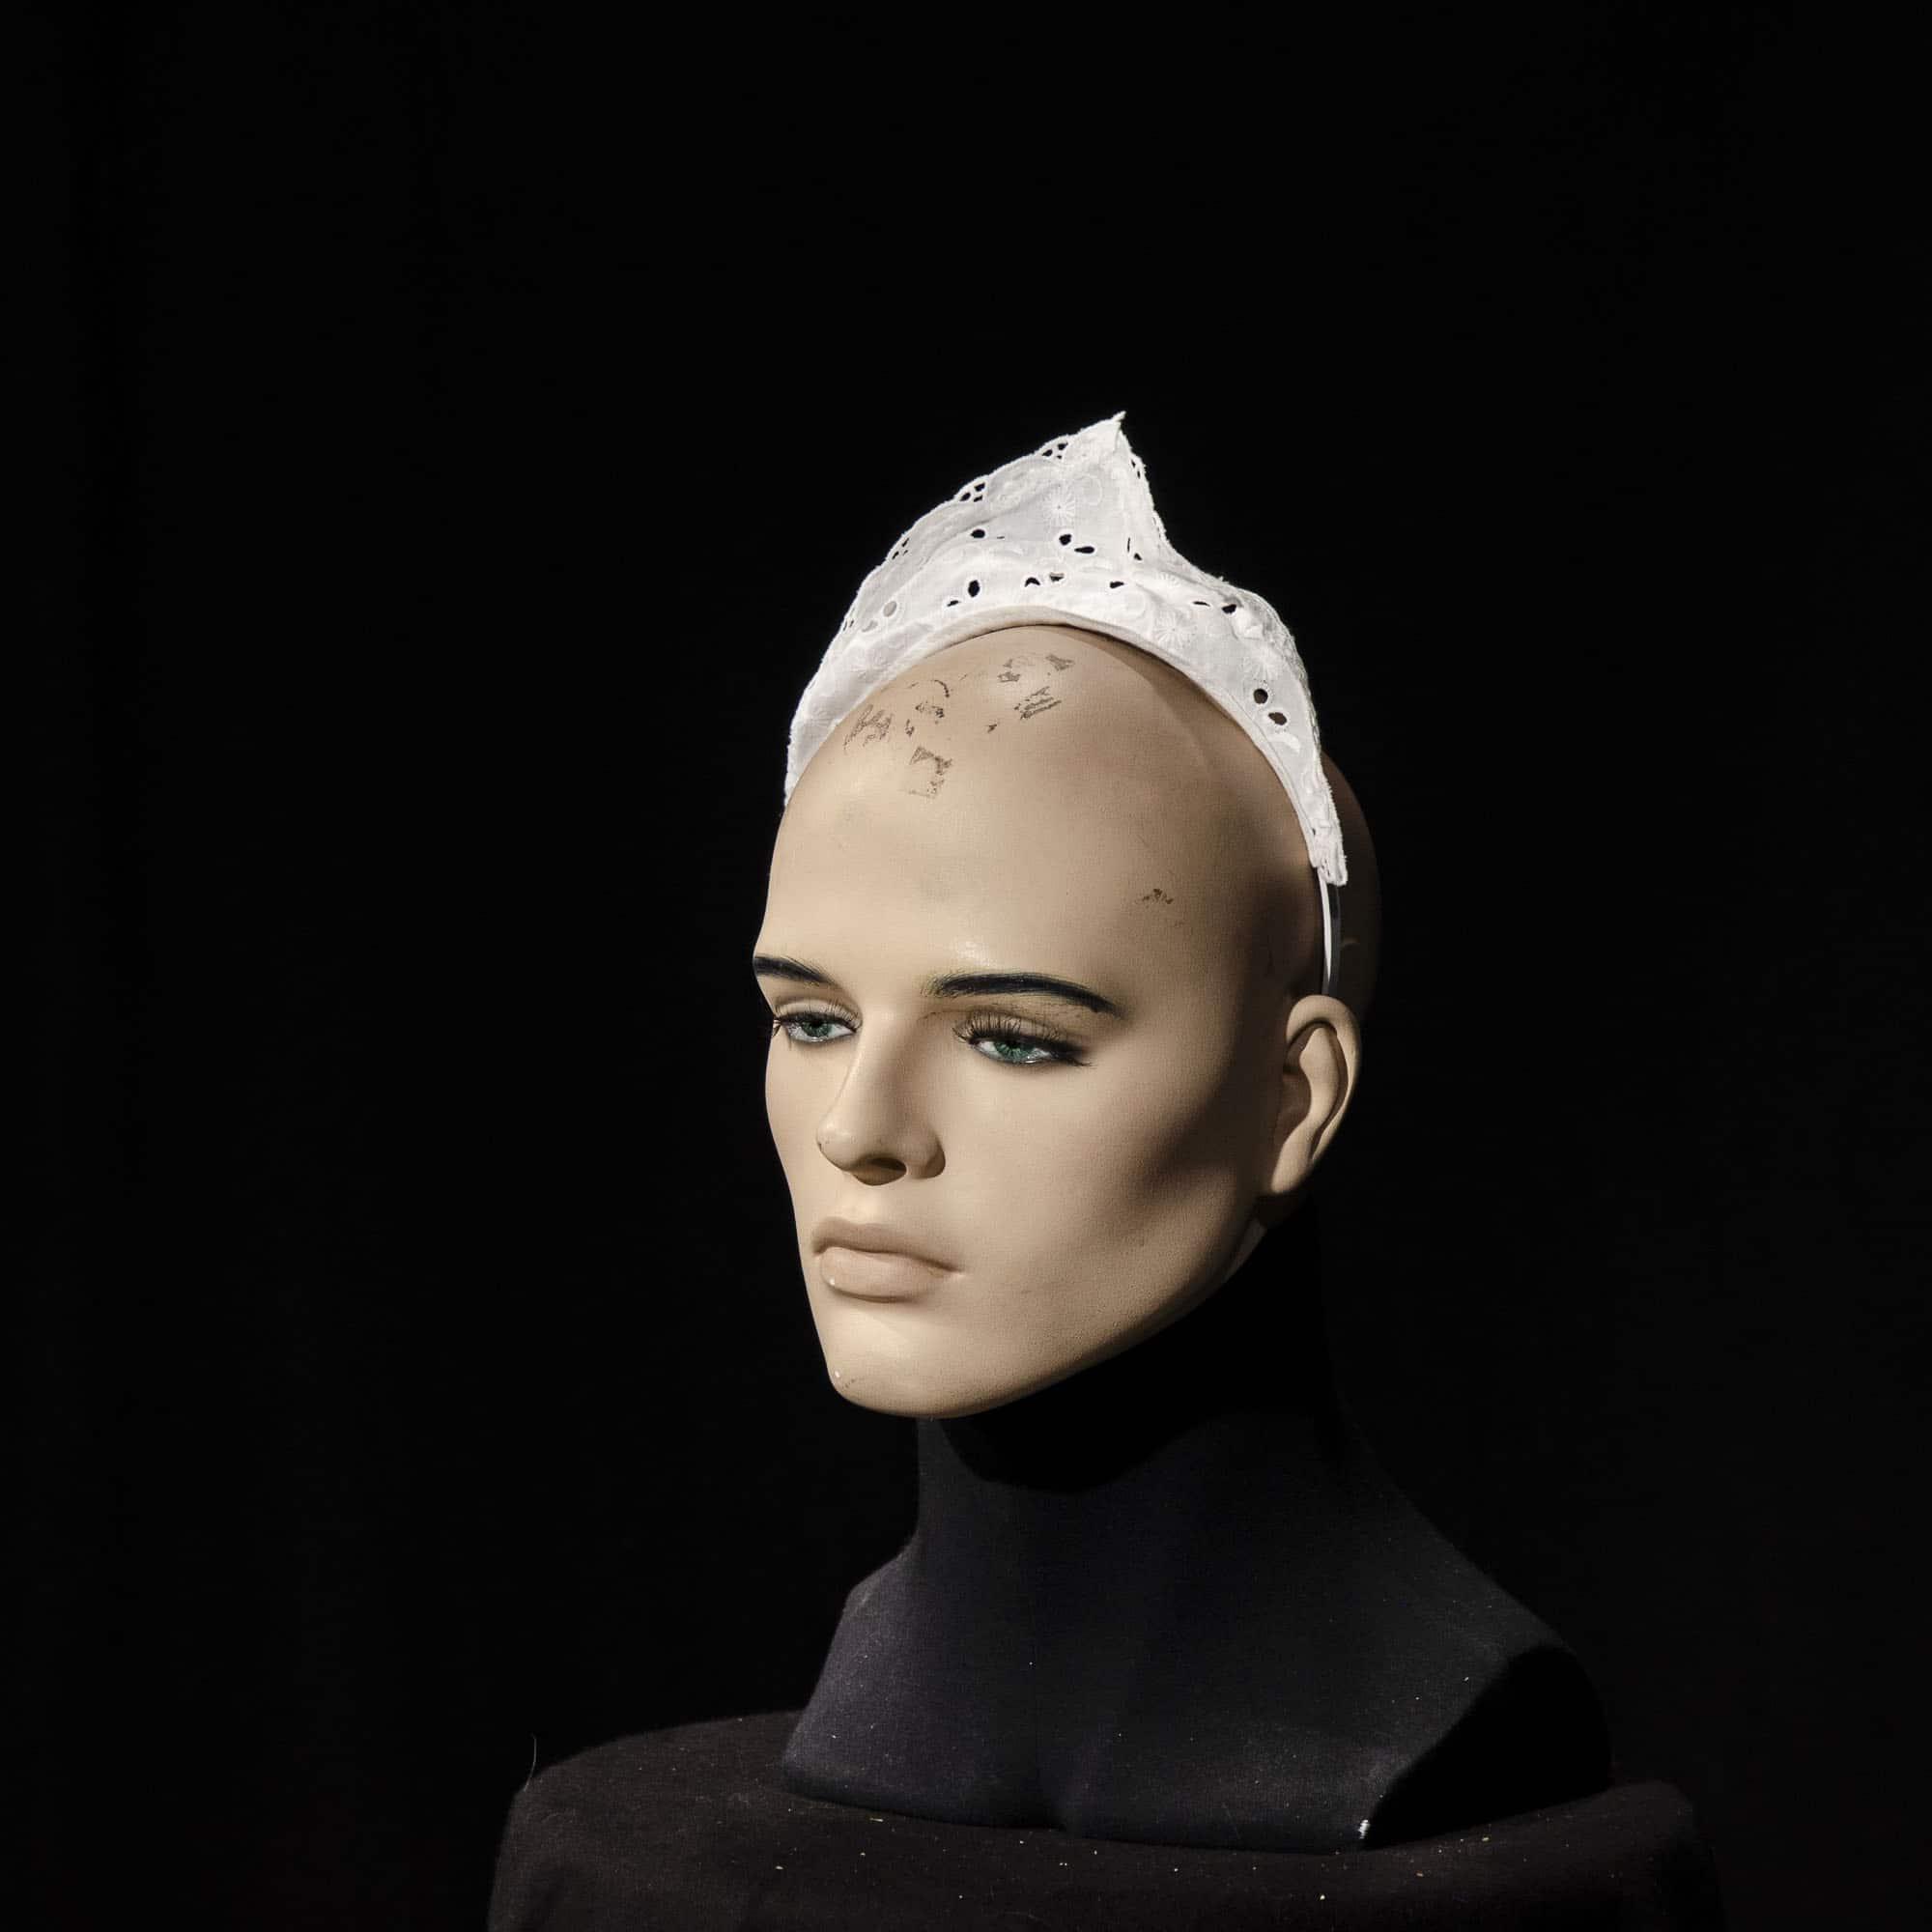 Haarreifen 'Hausmädchen' AC006